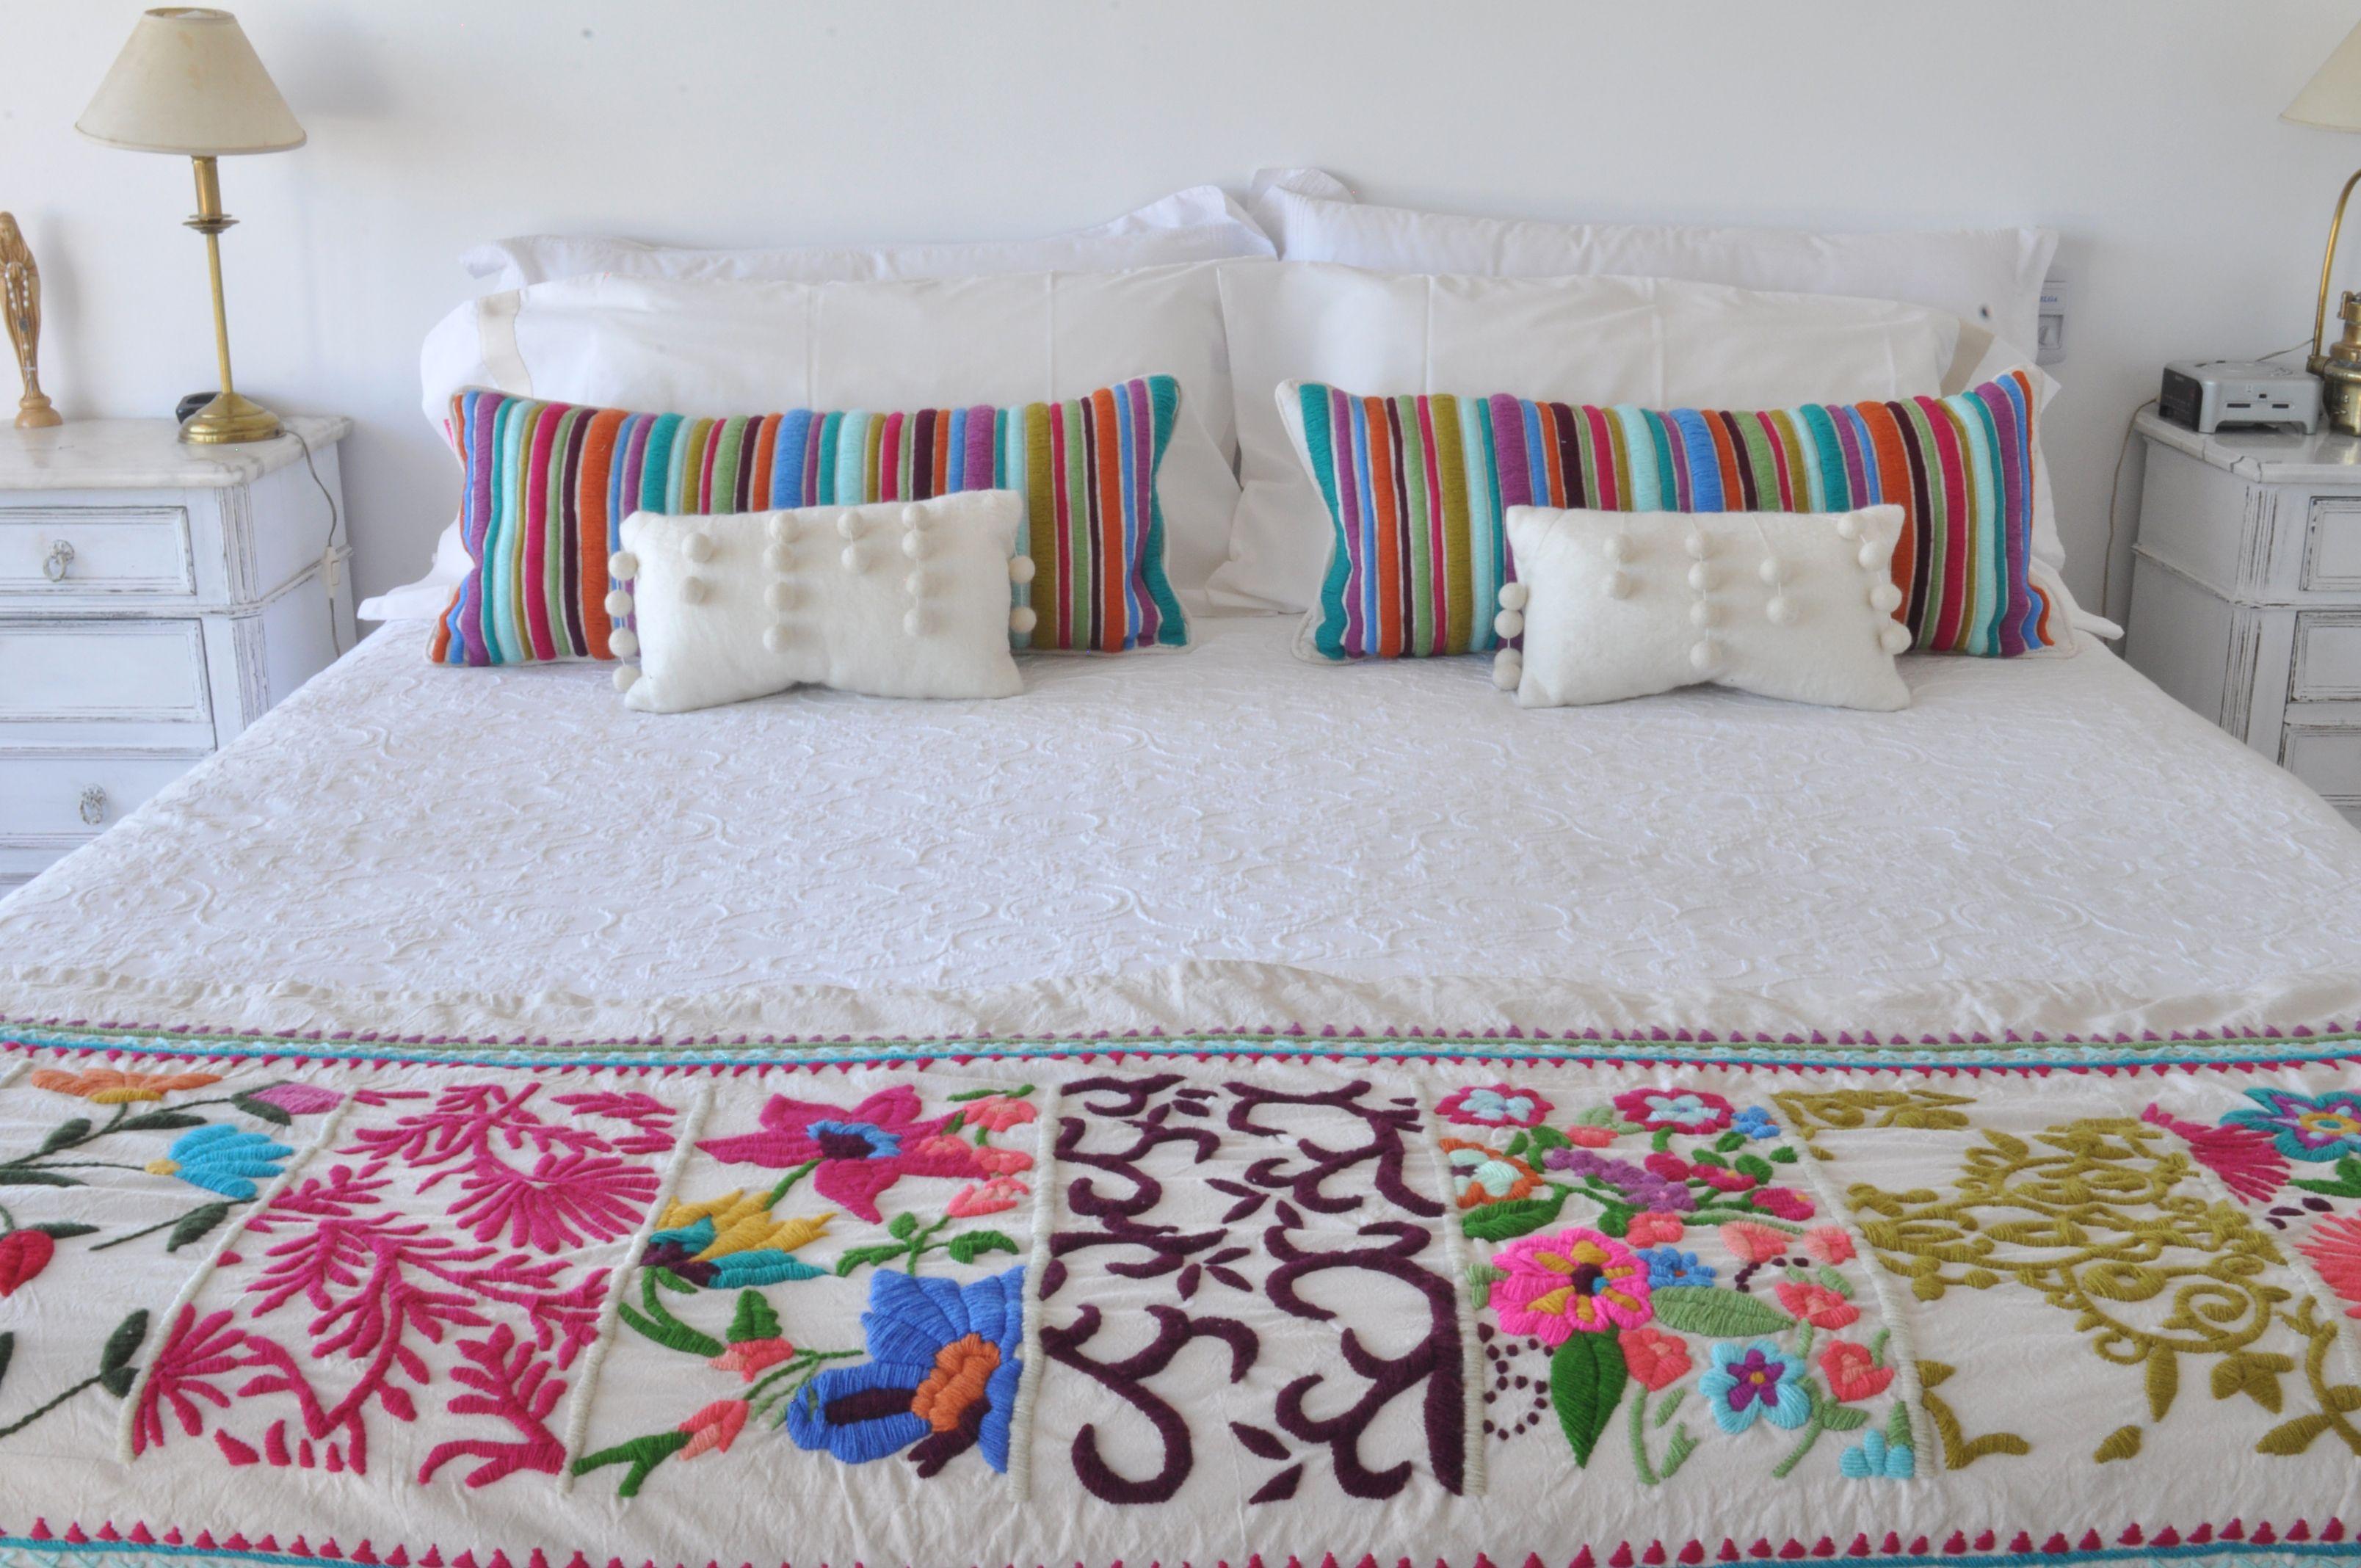 Pie de cama y almohadones bordados 100 a mano www - Pie de cama ...